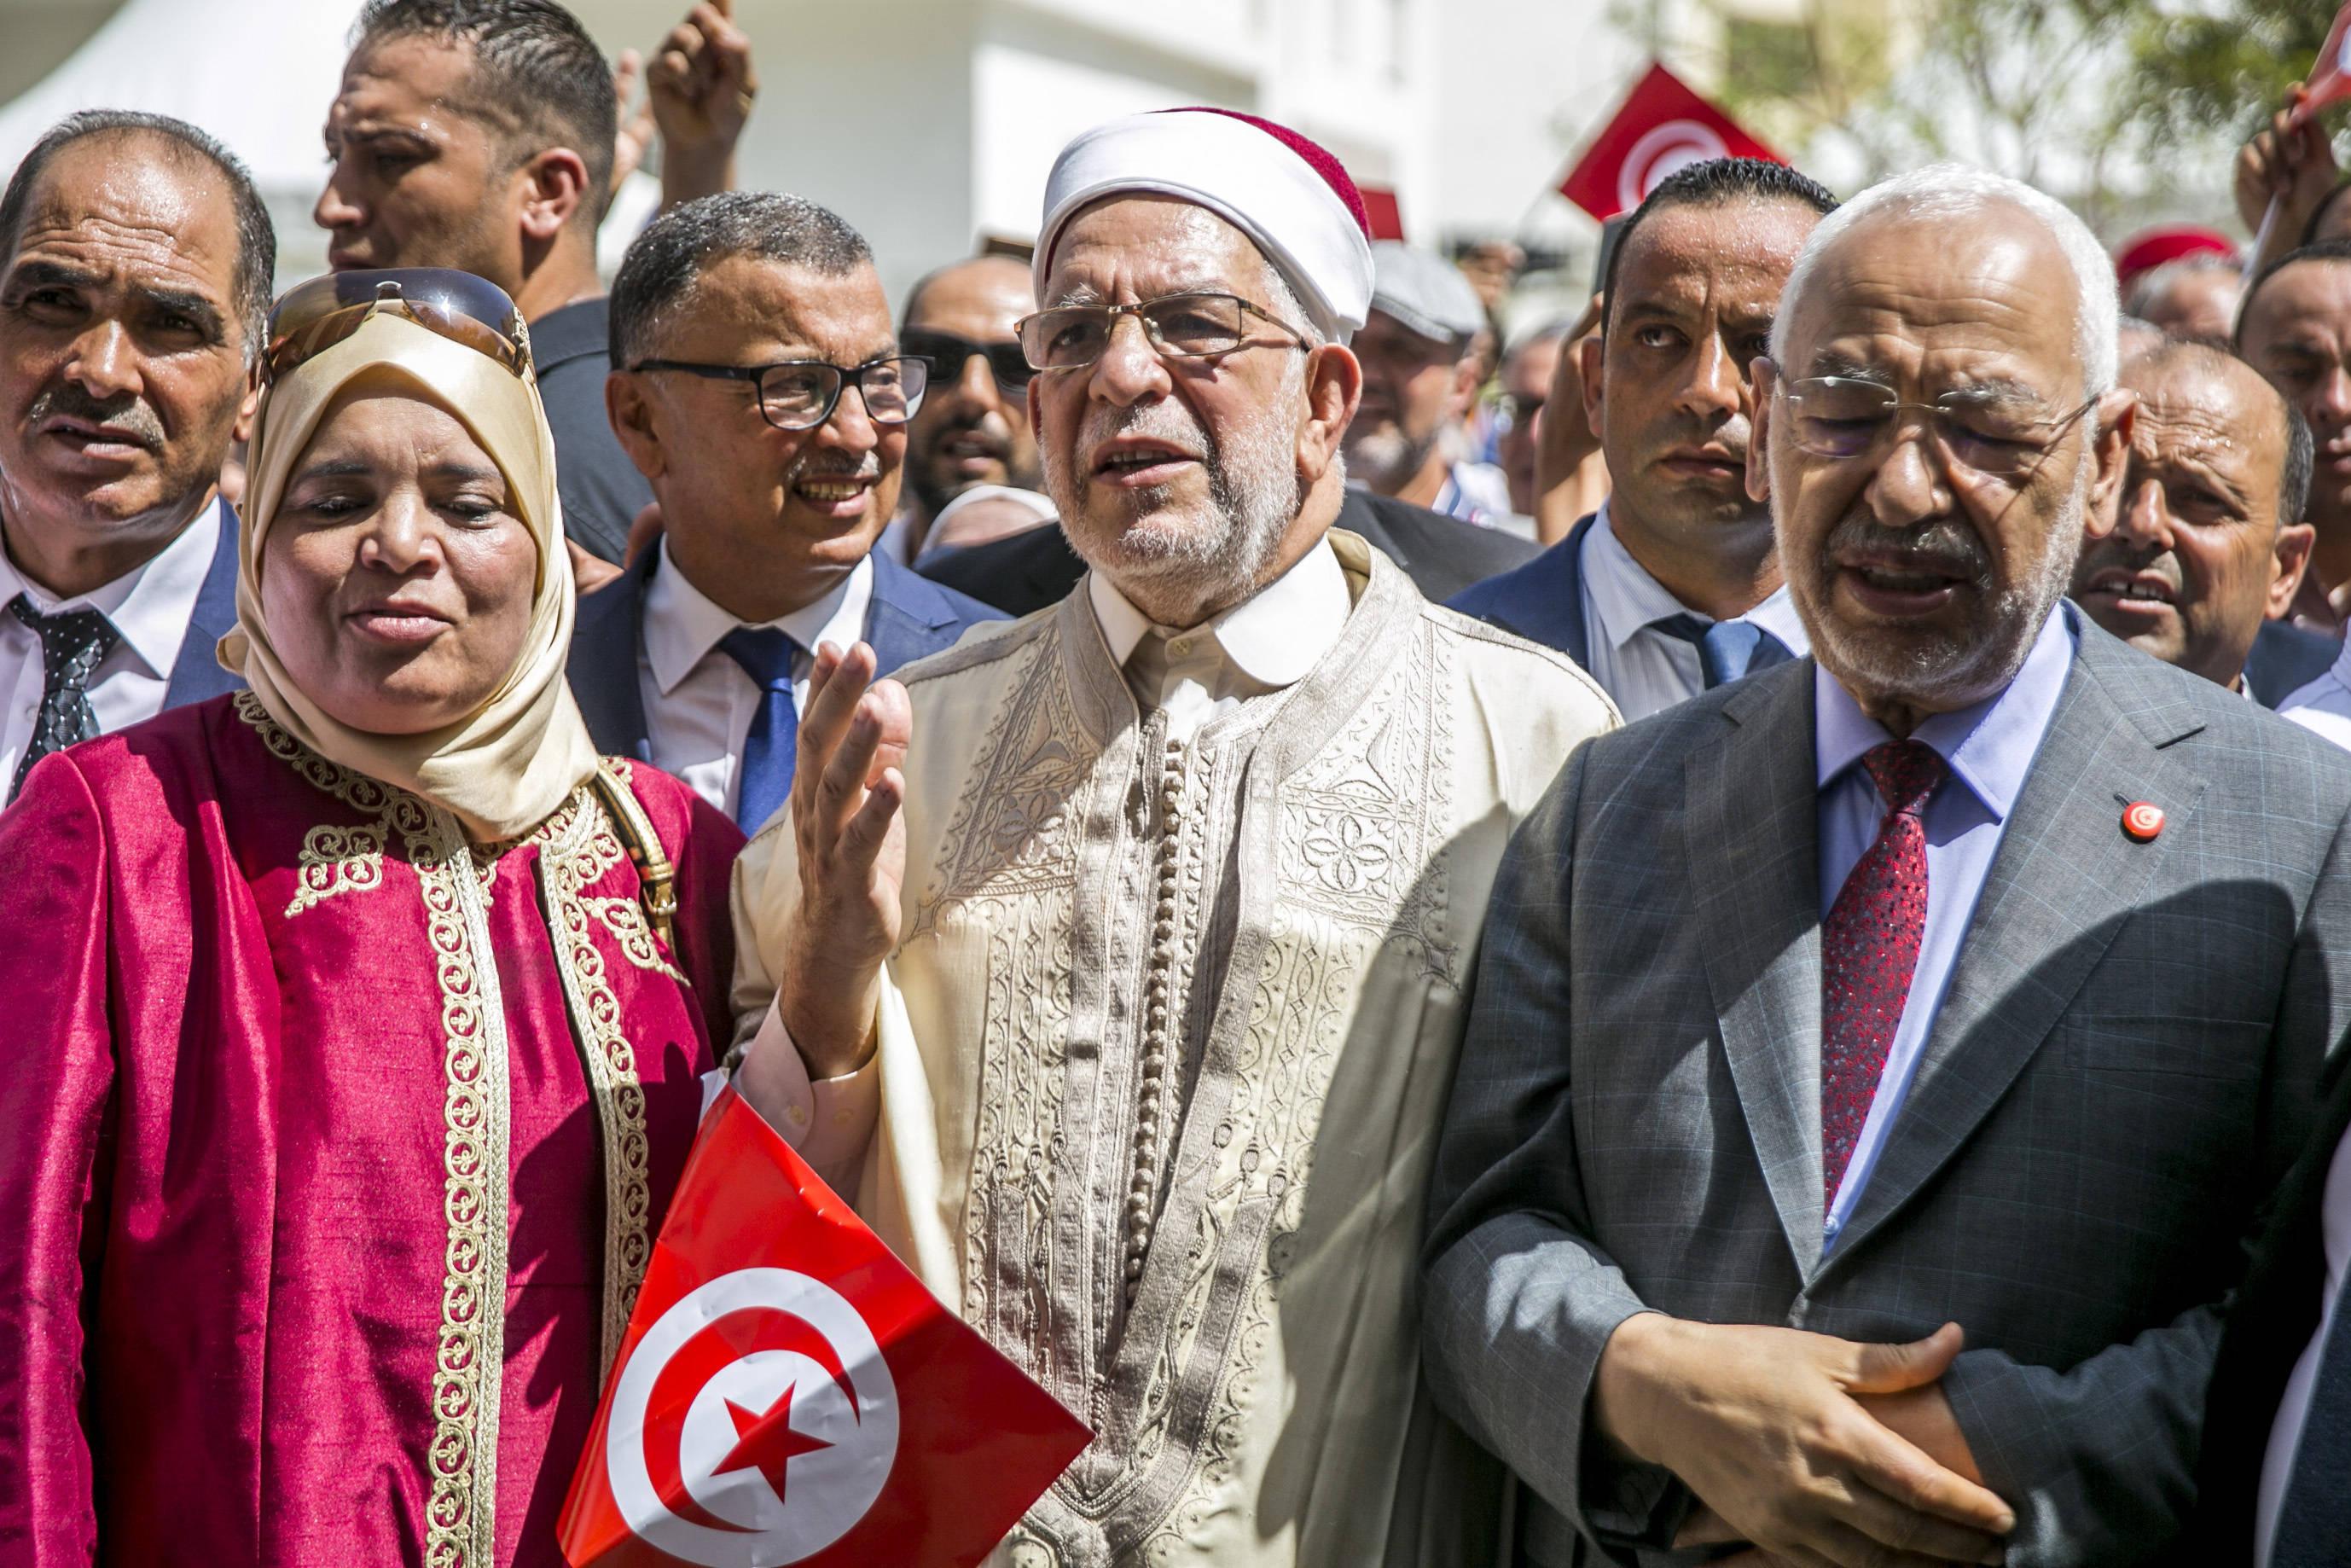 Le candidat d'Ennahdha, Abdelfattah Mourou (au centre), après le dépôt de son dossier de candidature vendredi 9 août 2019 à Tunis, aux côtés du président du parti Rached Ghannouchi.